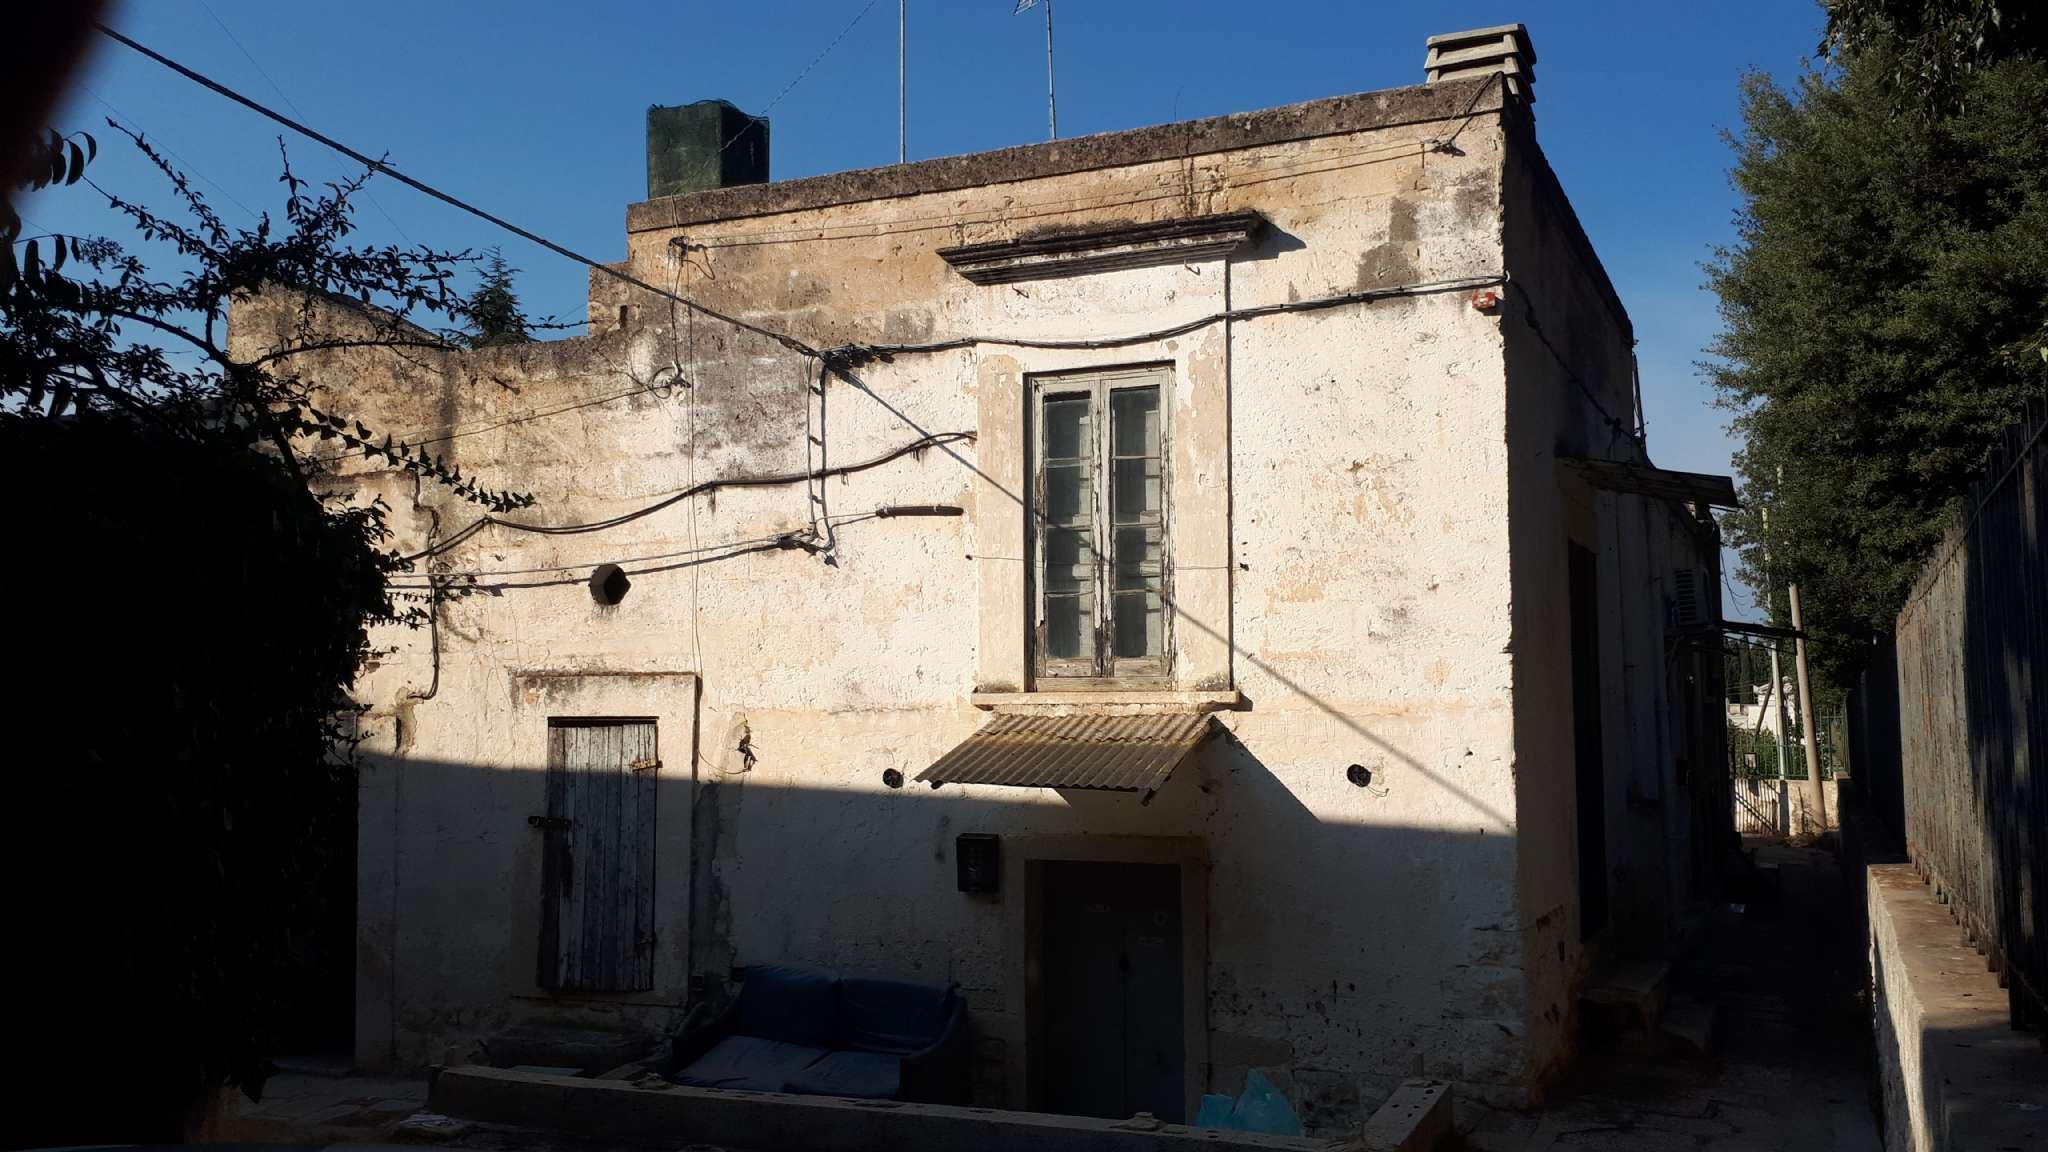 Appartamento in vendita a Bisceglie, 2 locali, prezzo € 45.000 | CambioCasa.it